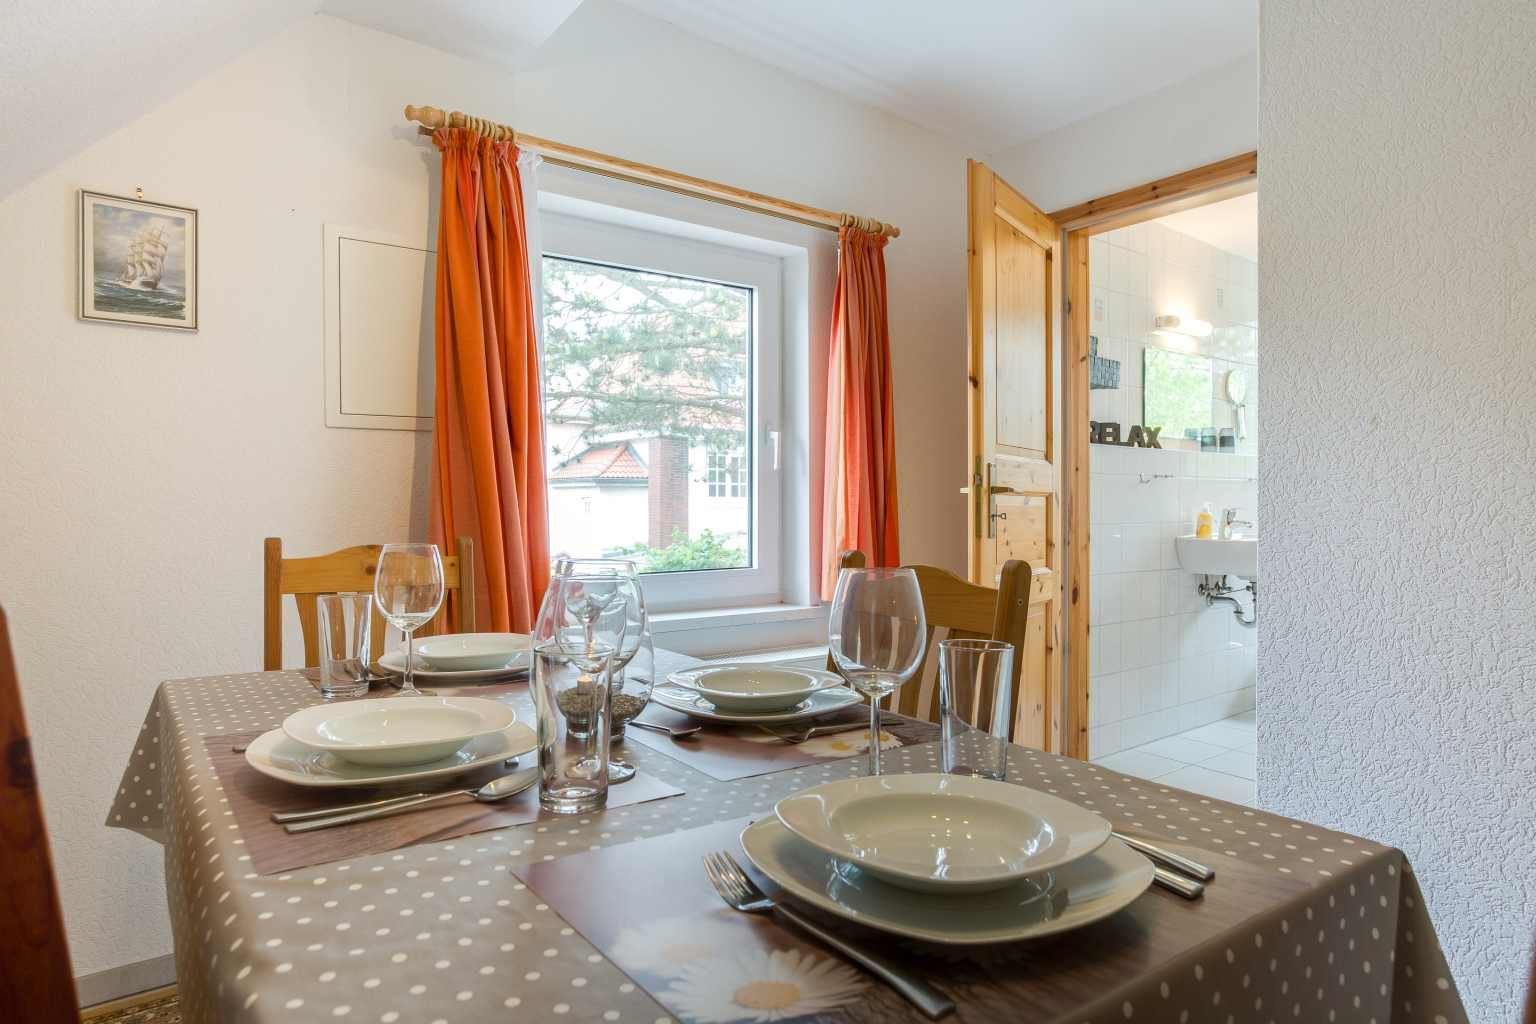 Separater Essbereich - Haus Sturmmoewe, Wohnung 5, 2-Zimmer-Ferienwohnung, Badallee 27-27a, St. Peter-Dorf